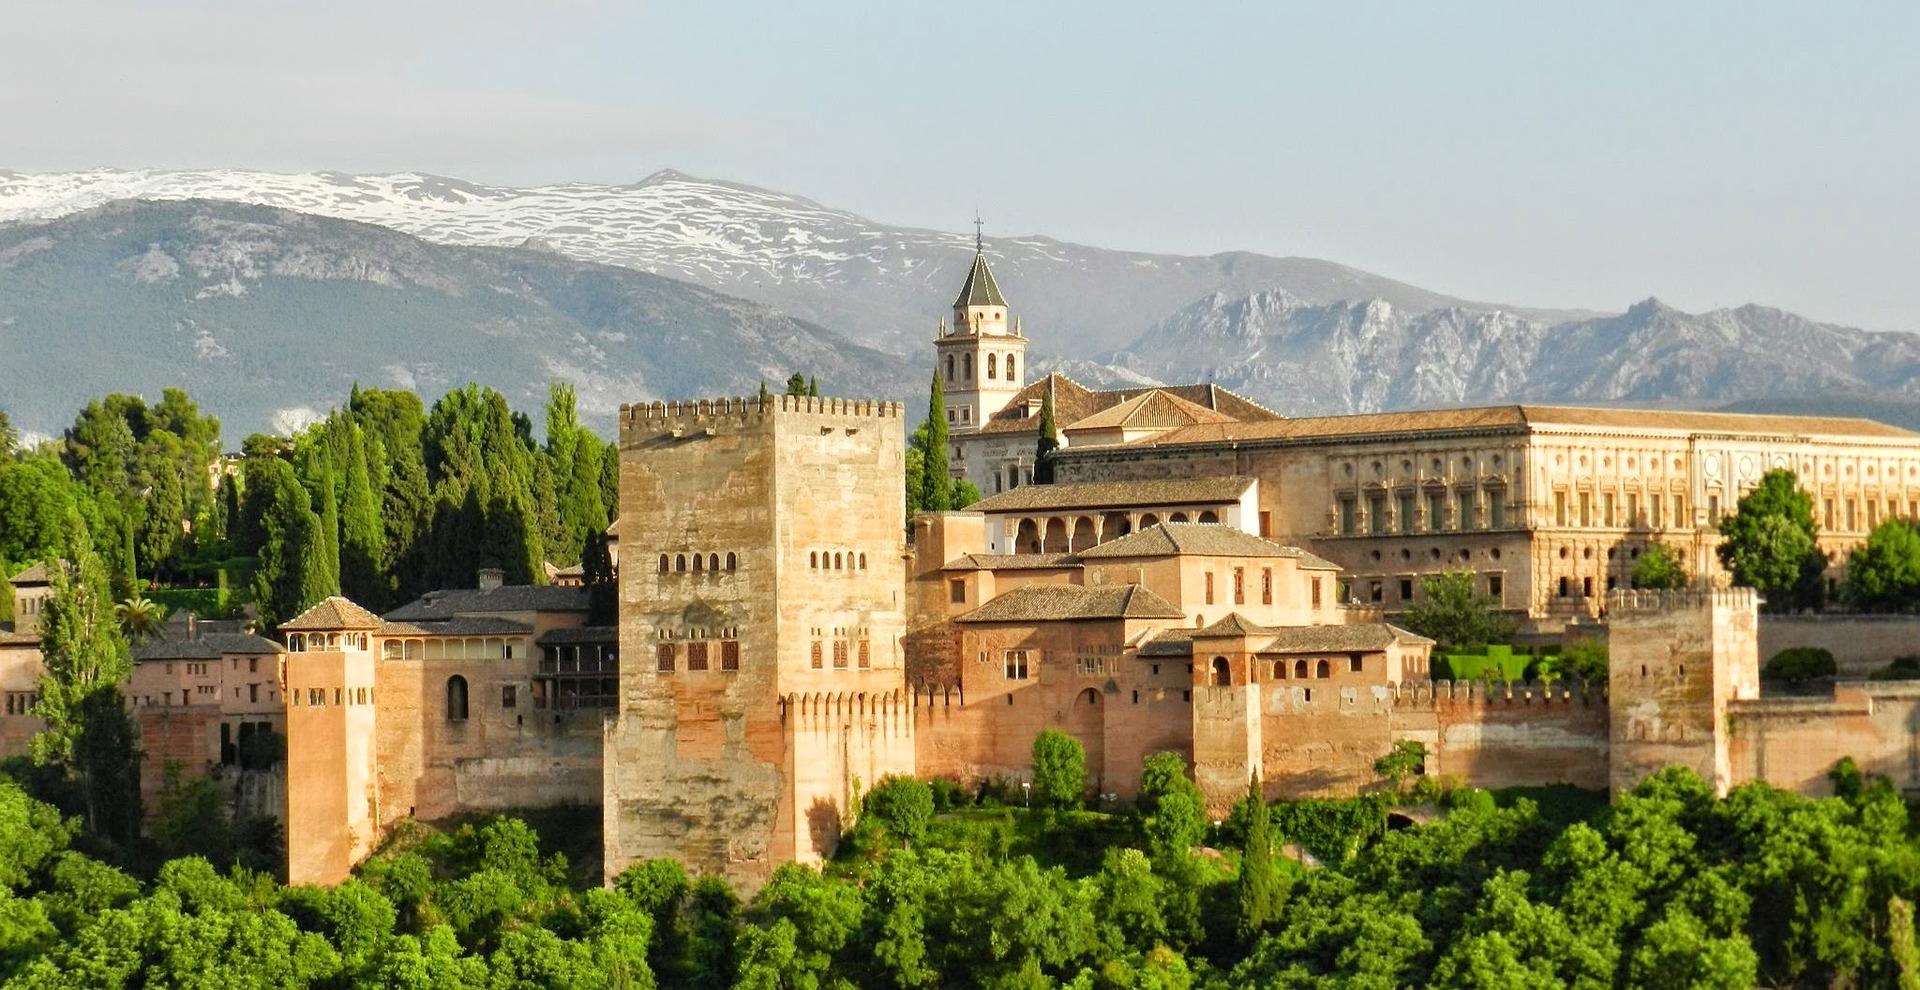 alhambra-967024_1920.jpg